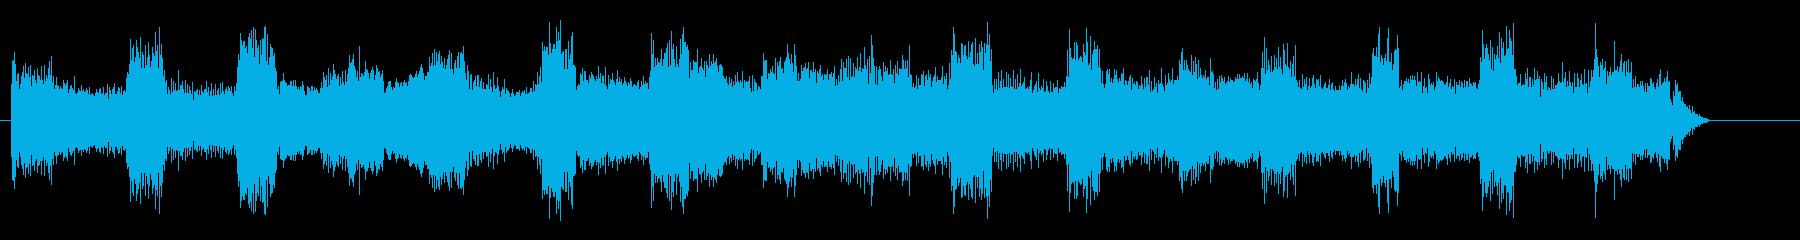 絶望、失望的な未来、動揺する暗い音 4の再生済みの波形